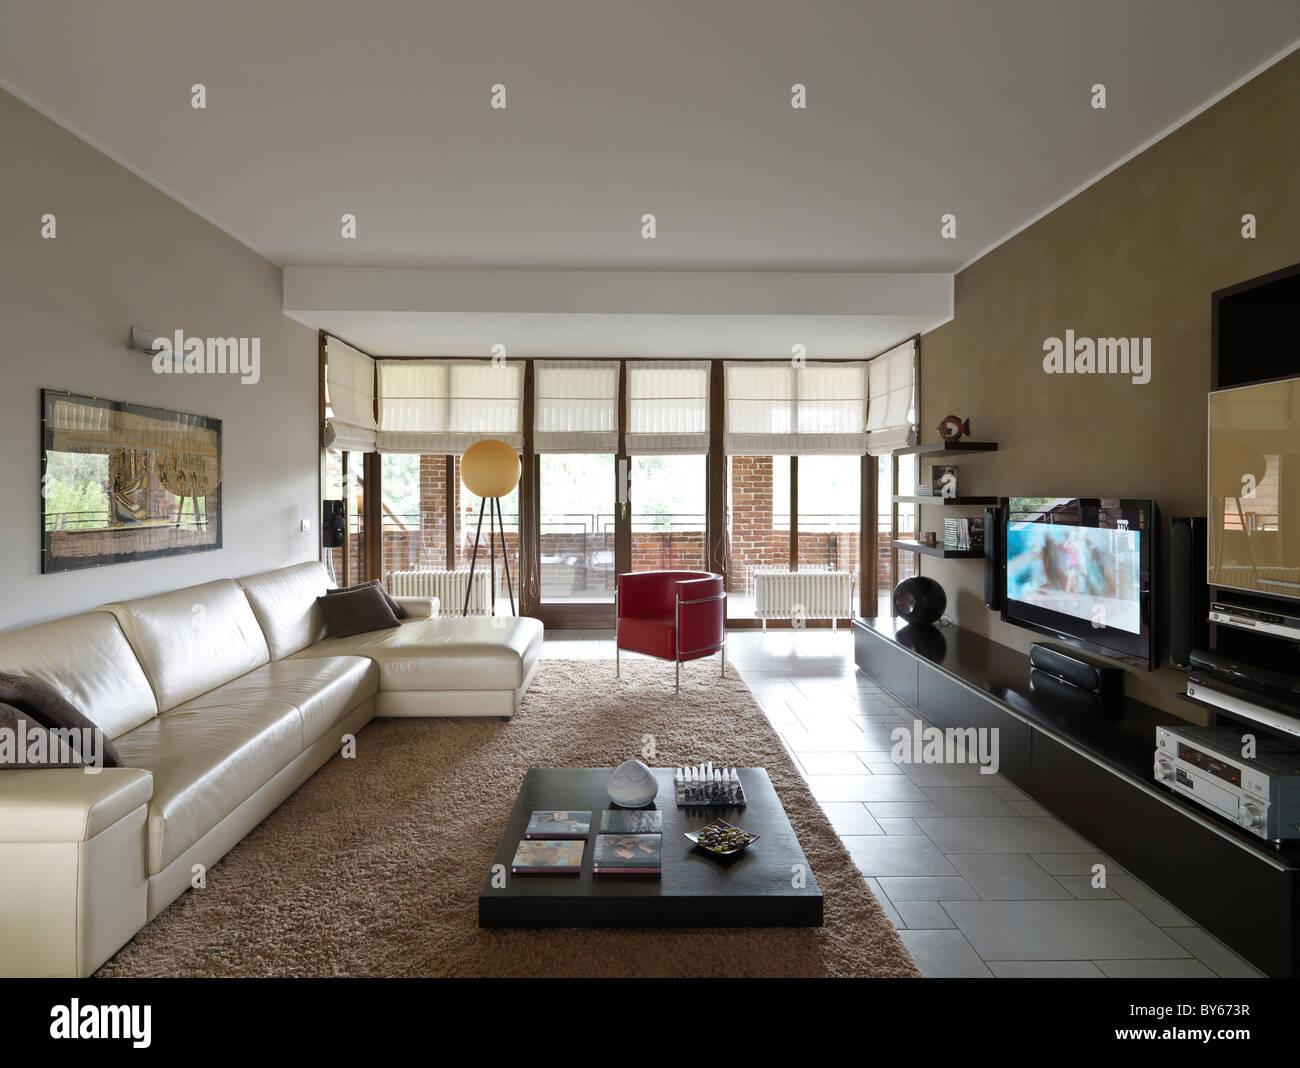 Salon moderne avec un canapé et fauteuil contemporain en cuir beige et de couleur rouge Photo Stock